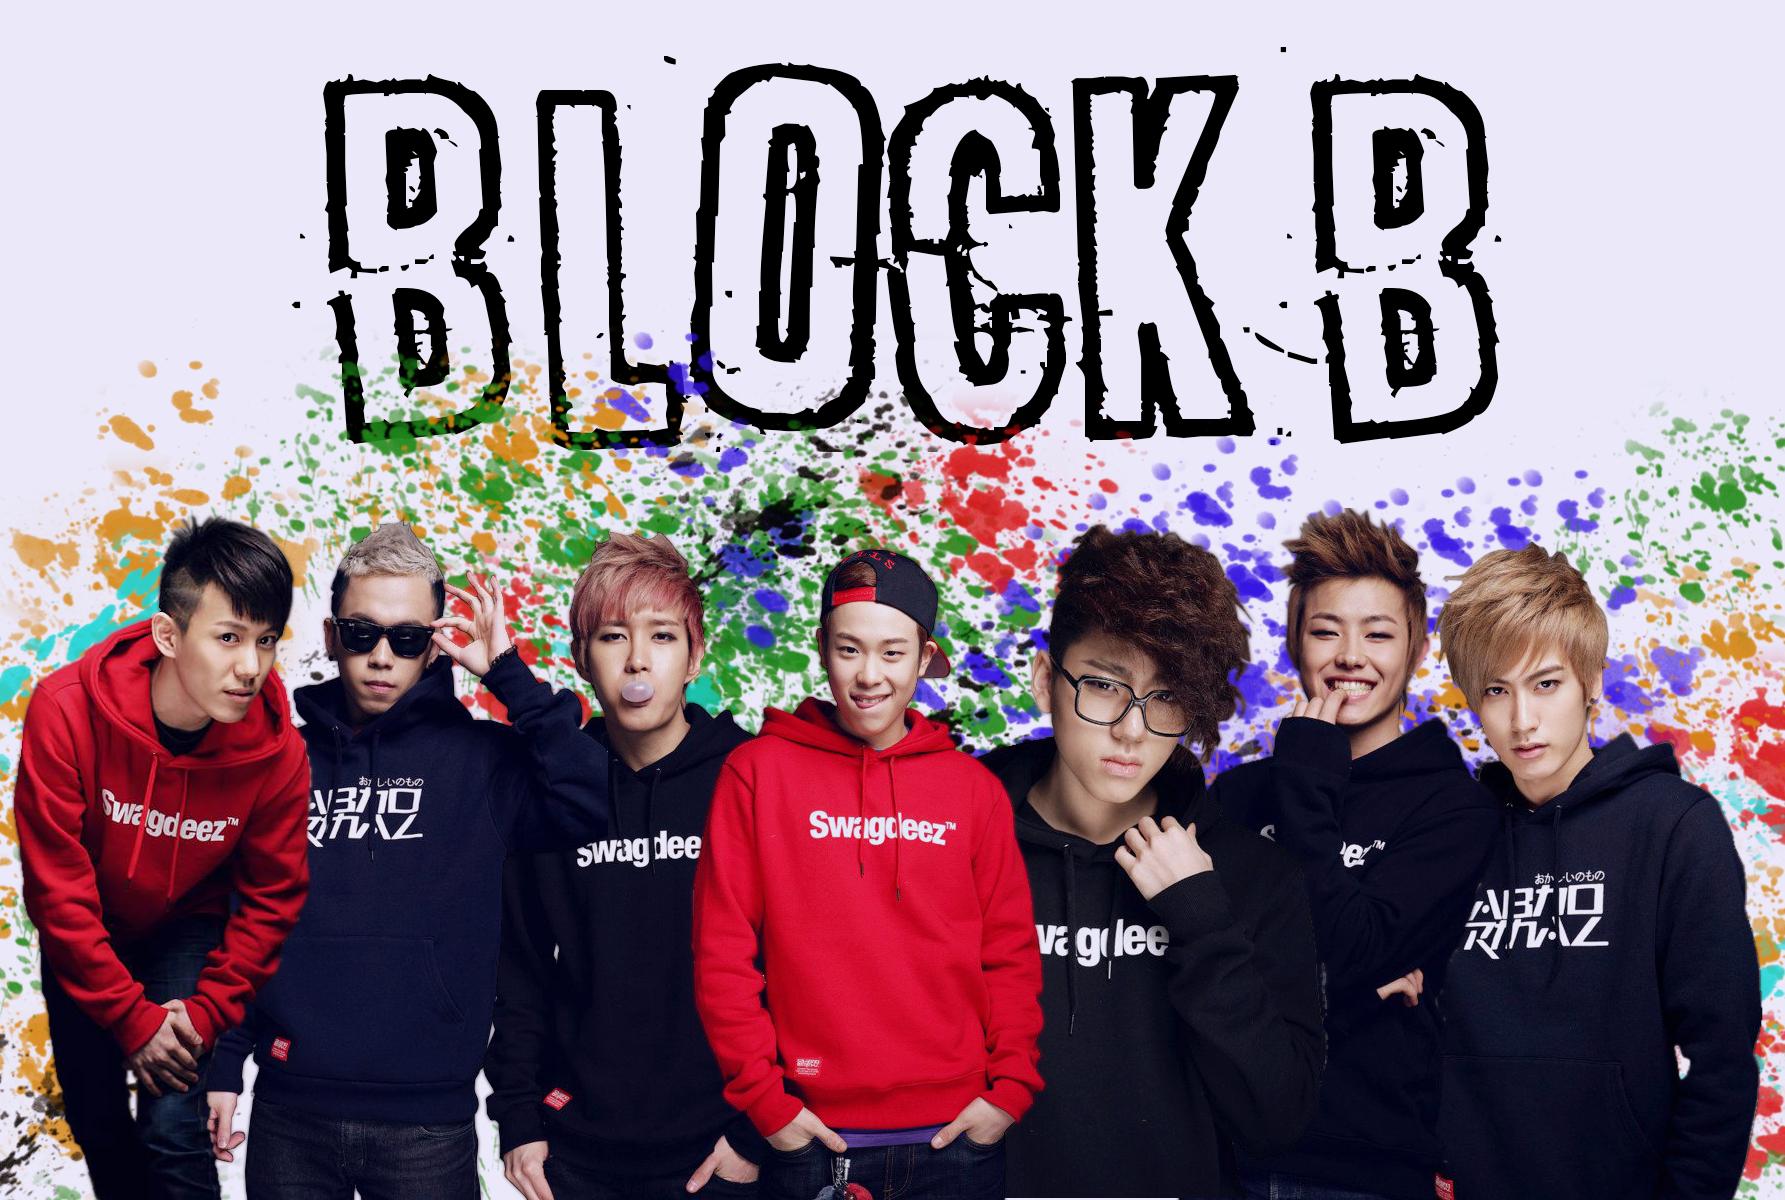 Peminat Jual 'Beg Udara' dari konsert K-Pop Block B